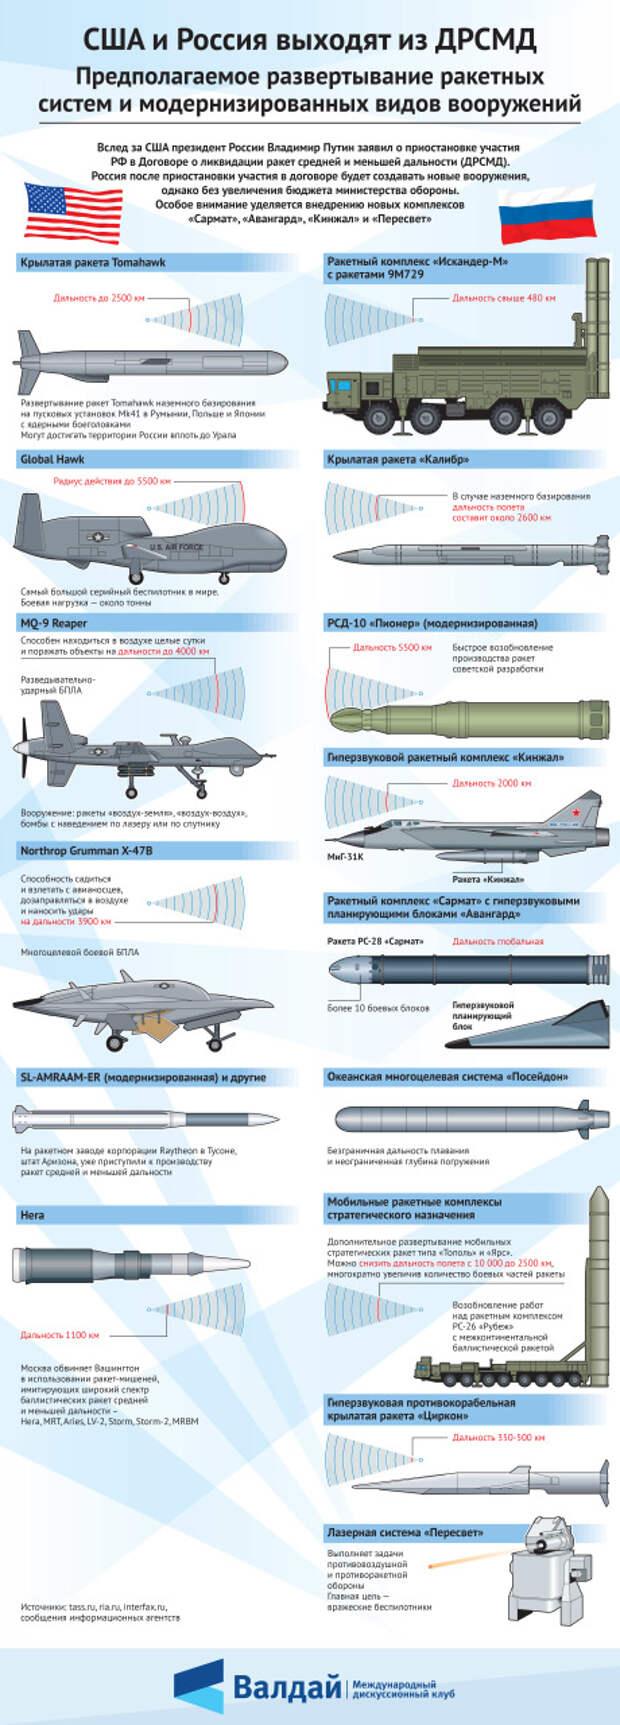 США и Россия выходят из ДРСМД. Предполагаемое развёртывание ракетных систем и модернизированных видов вооружений